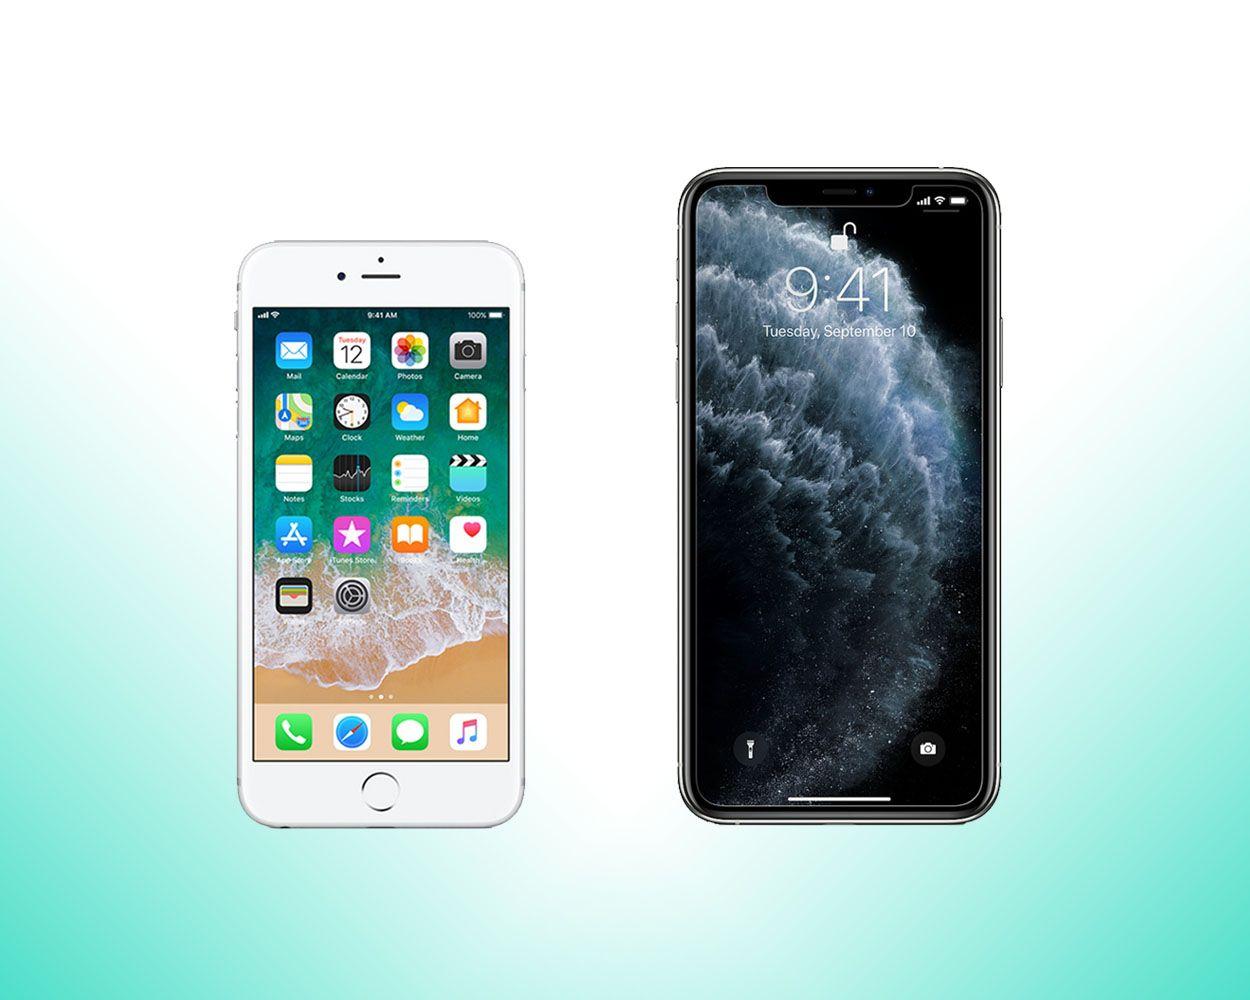 Cara transfer data dari iPhone lama ke iPhone baru